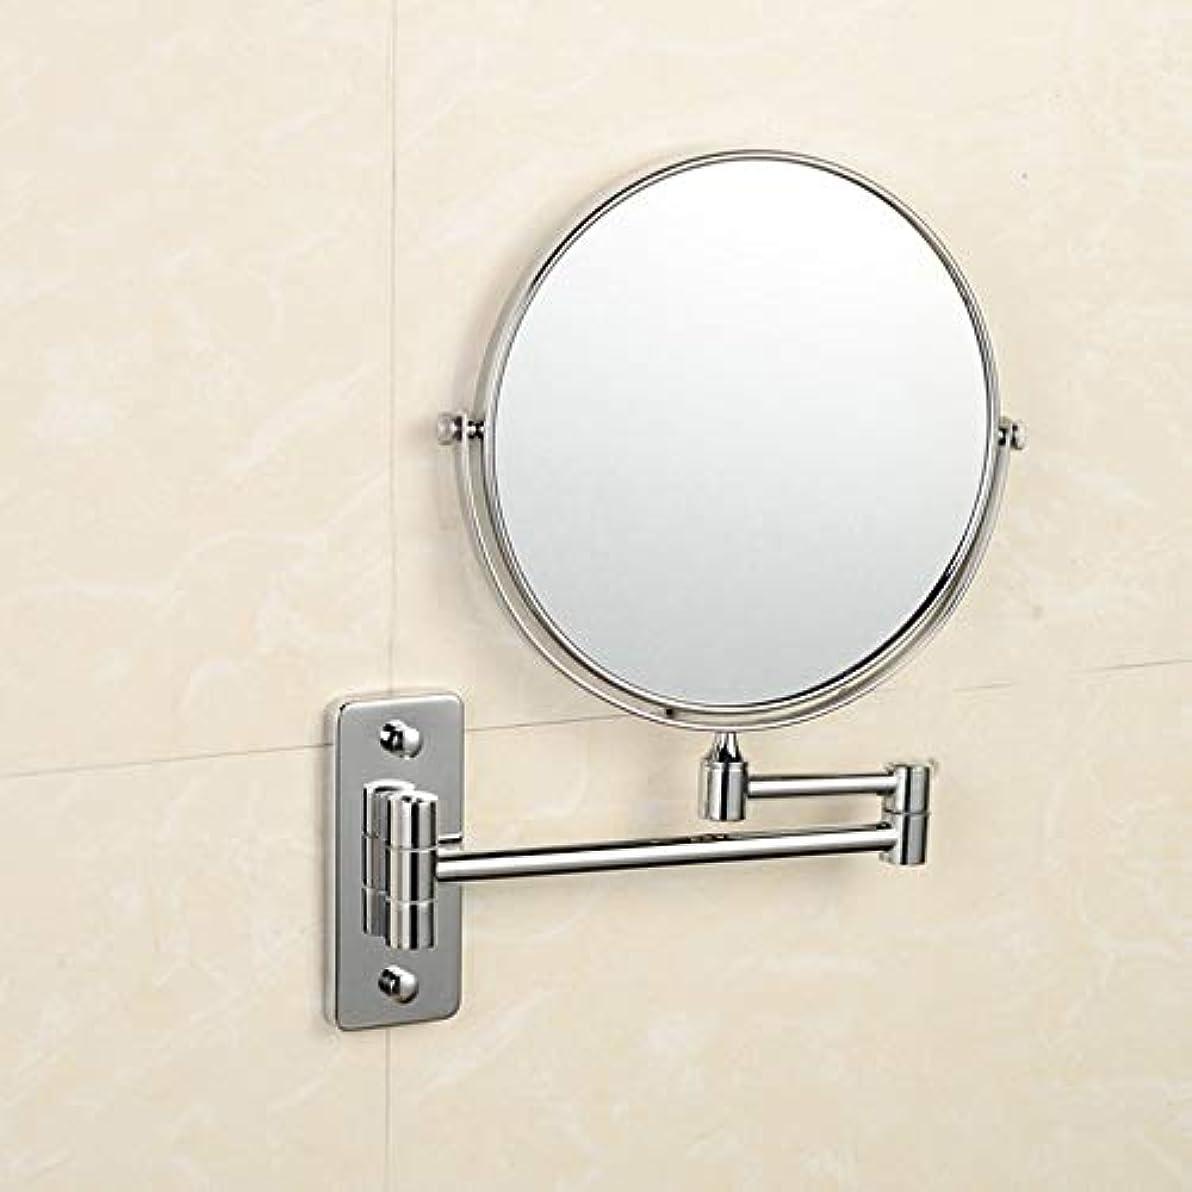 去る注意行政流行の 銅浴室鏡折りたたみ伸縮性格人格美人表裏面360度回転壁掛け虫眼鏡ミラーシルバーホームビューティーミラー浴室